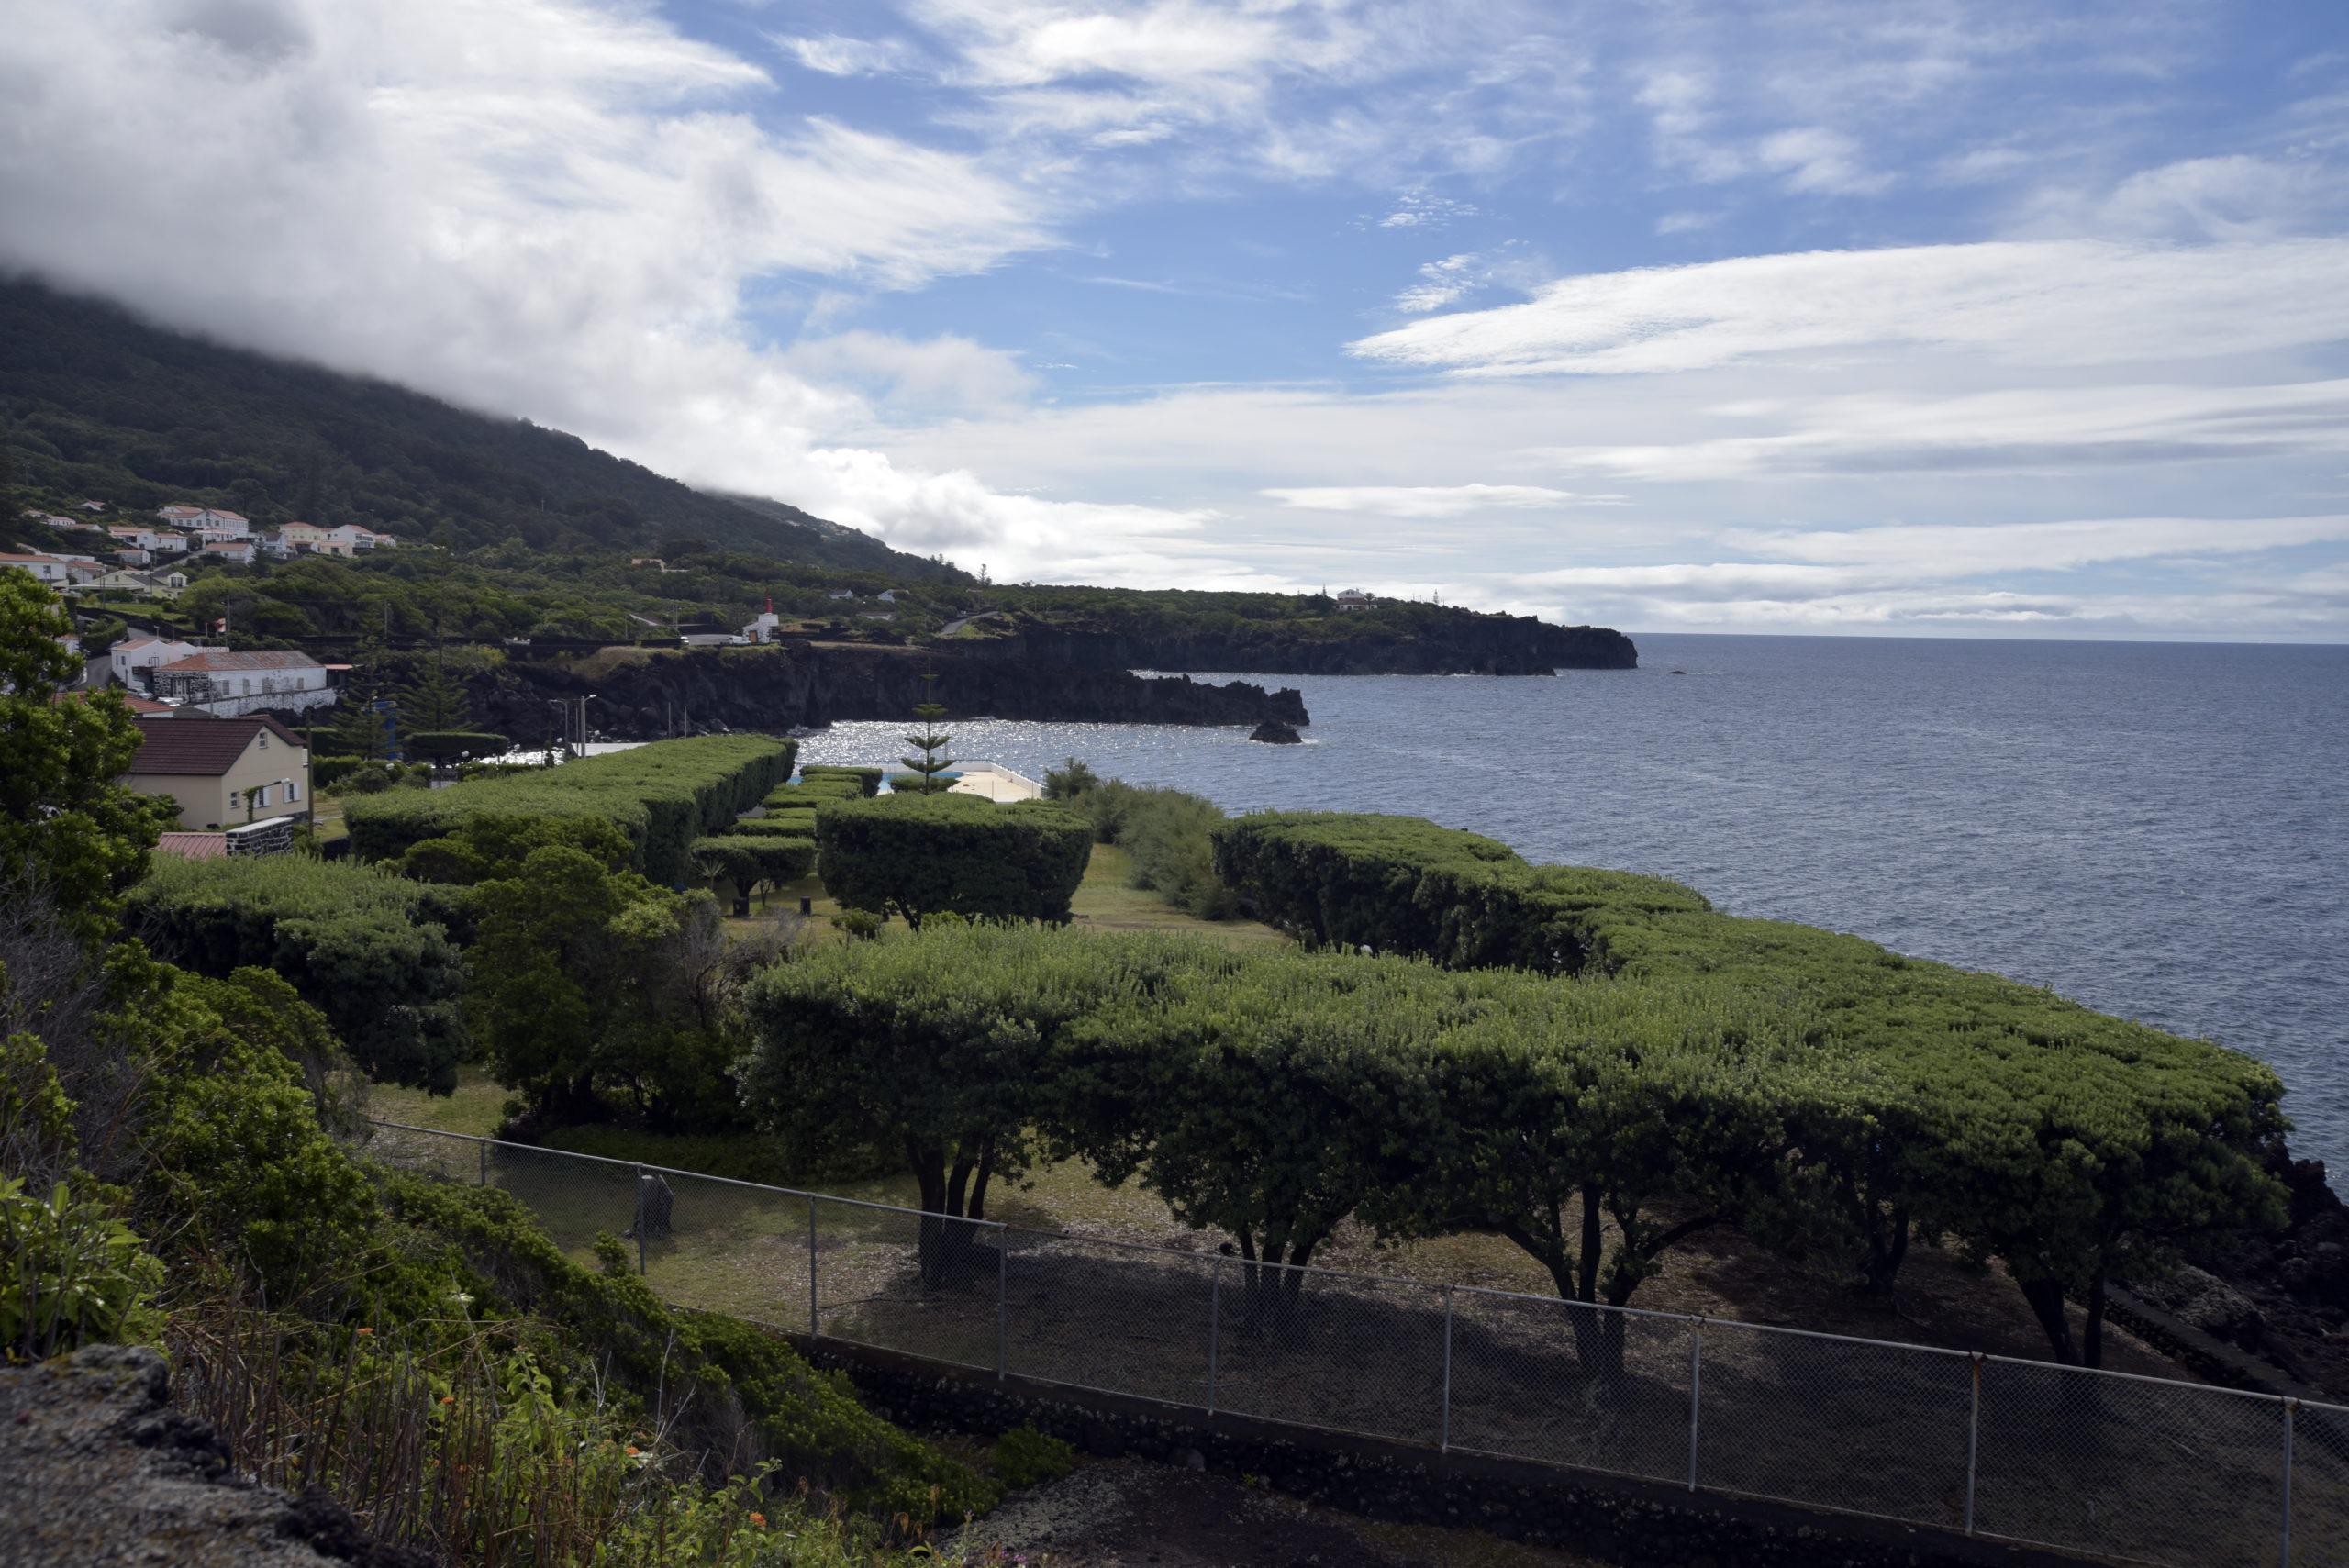 Parque de Campismo da Urzelina, ilha de São Jorge